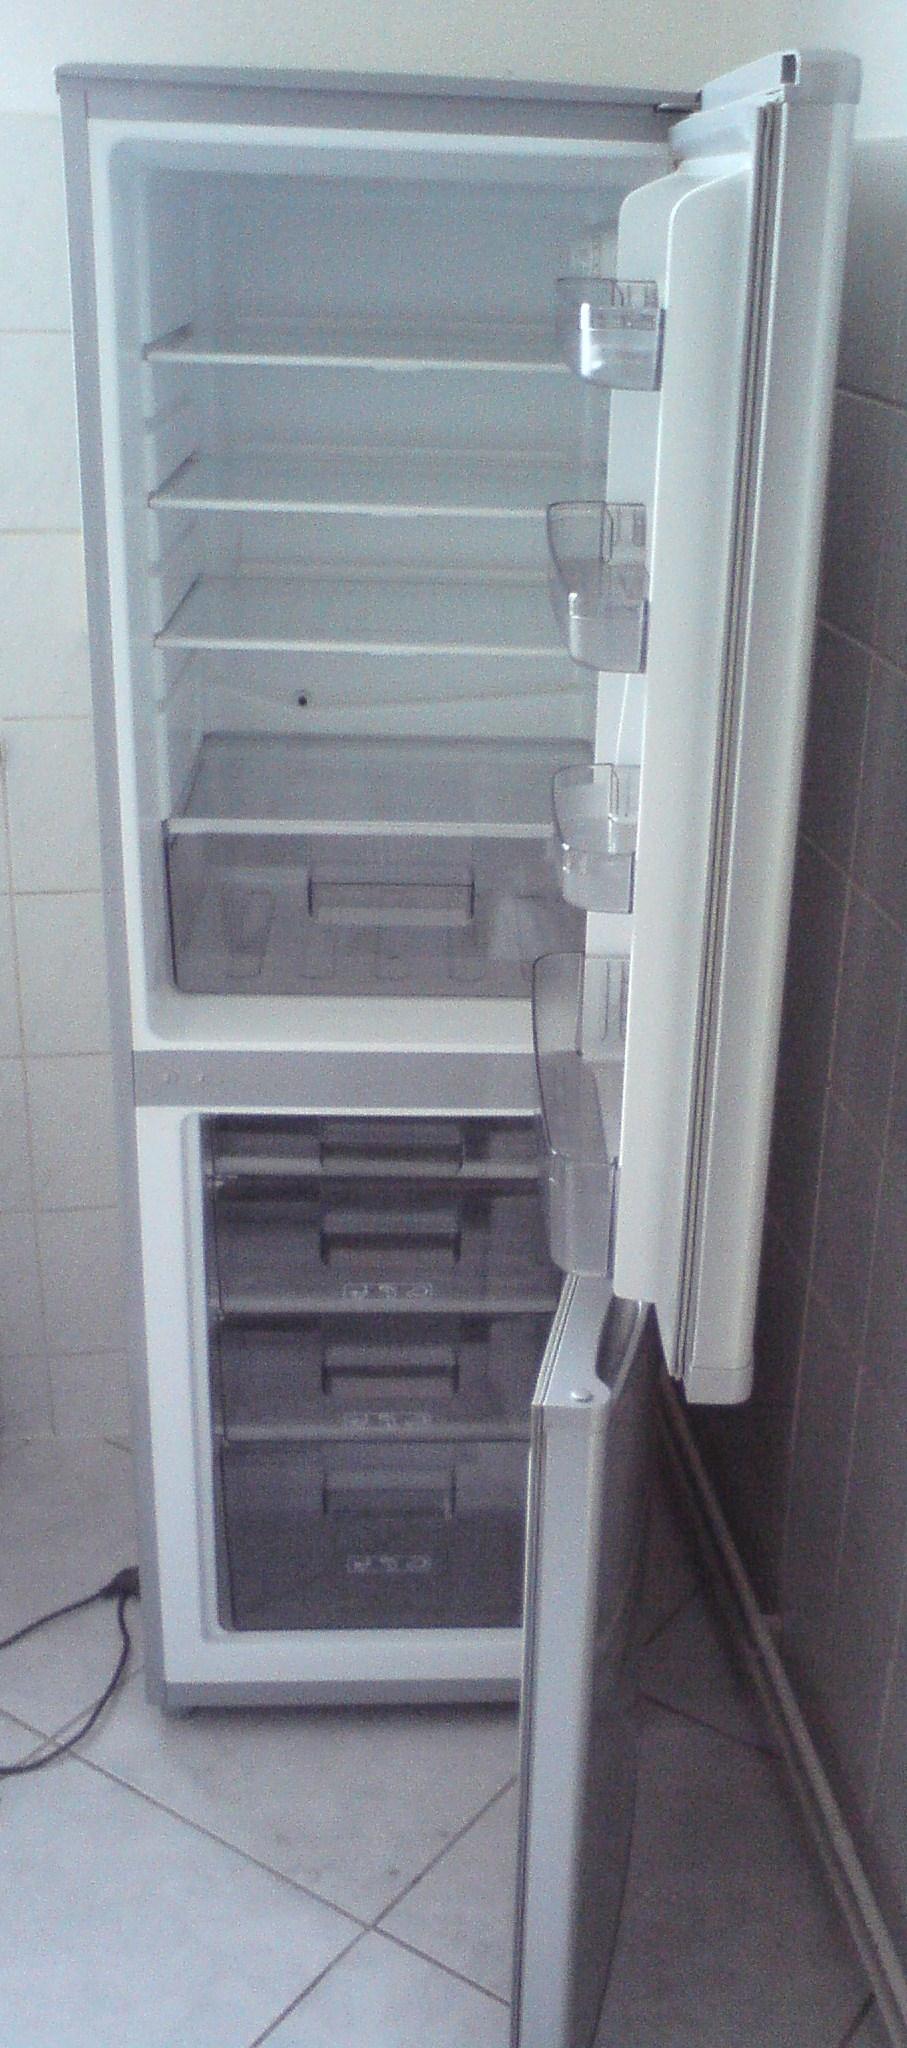 pkm k hl gefrierkombination kg 250 silber defekt in berlin m bel und haushalt kleinanzeigen. Black Bedroom Furniture Sets. Home Design Ideas